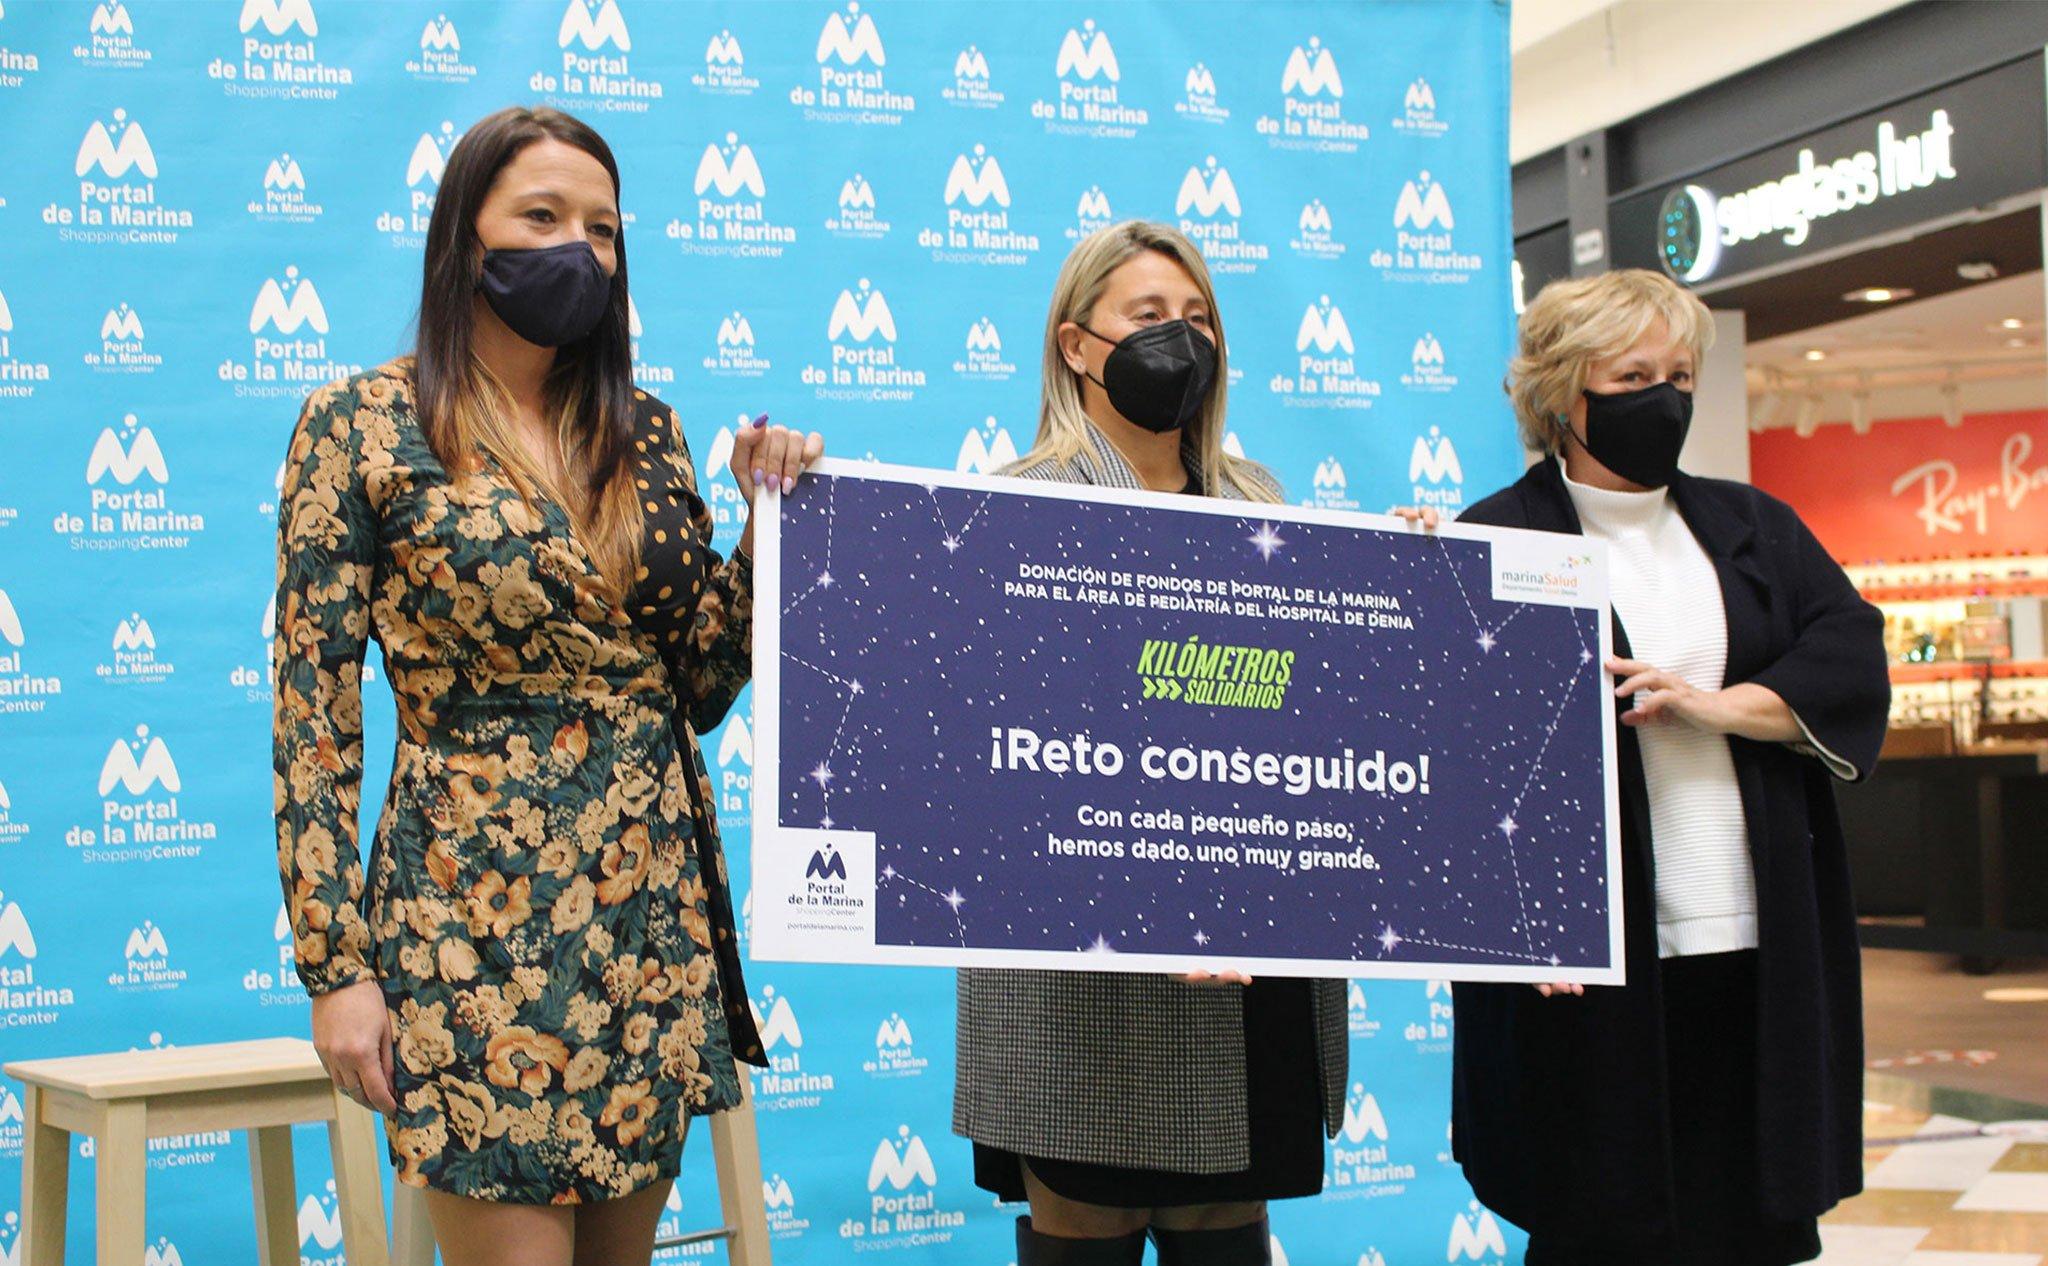 """Acto de entrega del cheque de """"Kilómetros Solidarios"""" por parte de Portal de la Marina al Hospital de Dénia"""